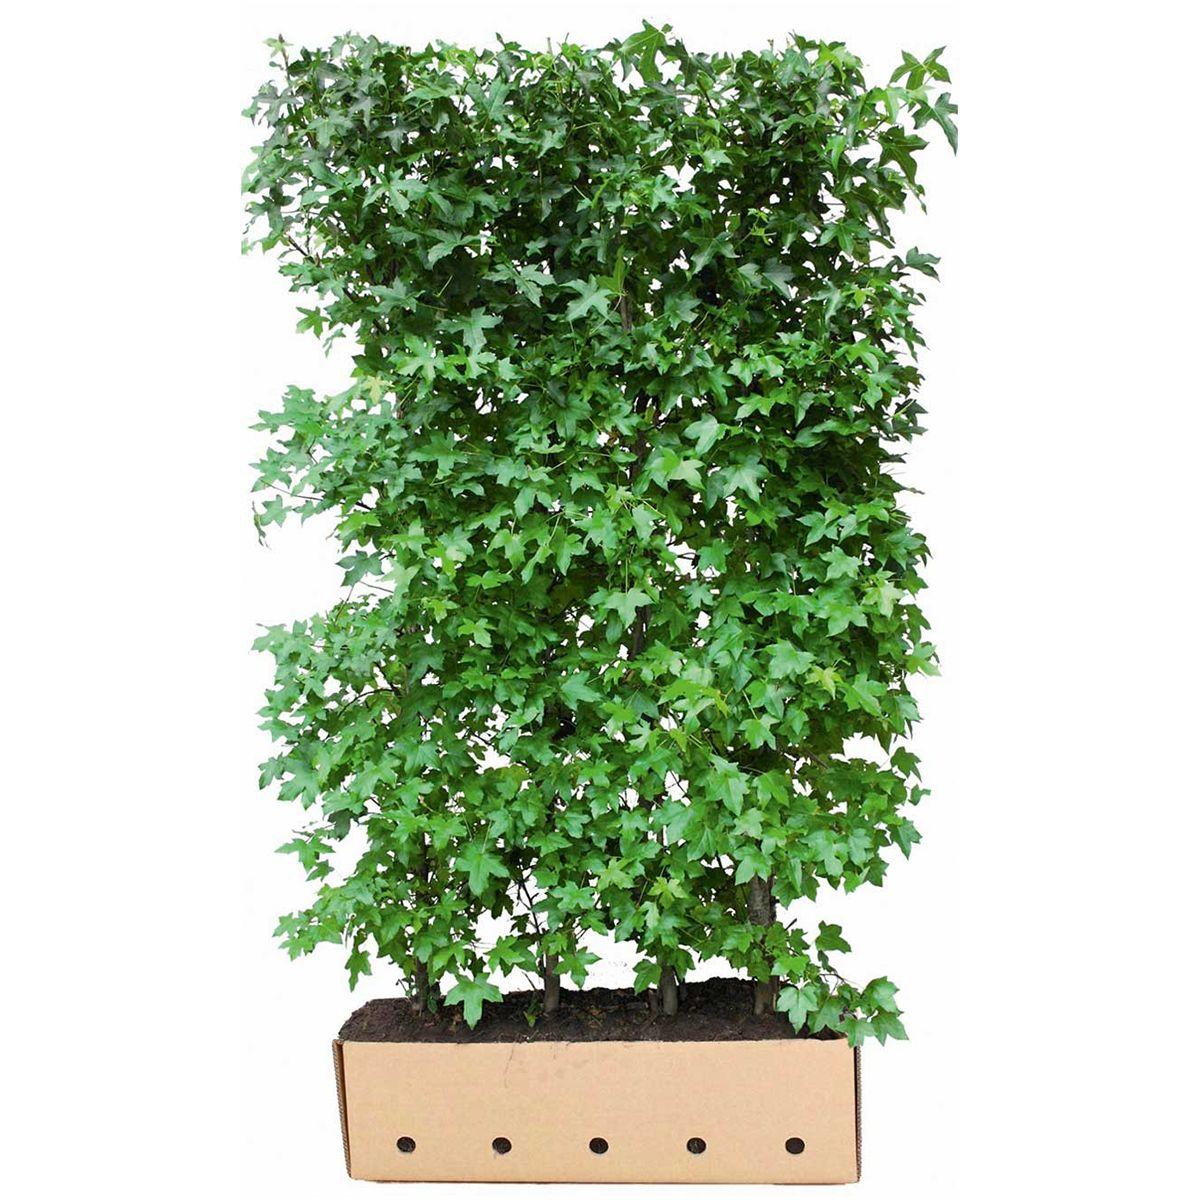 Amberbaum Fertig-Hecken 200 cm Extra Qualtität